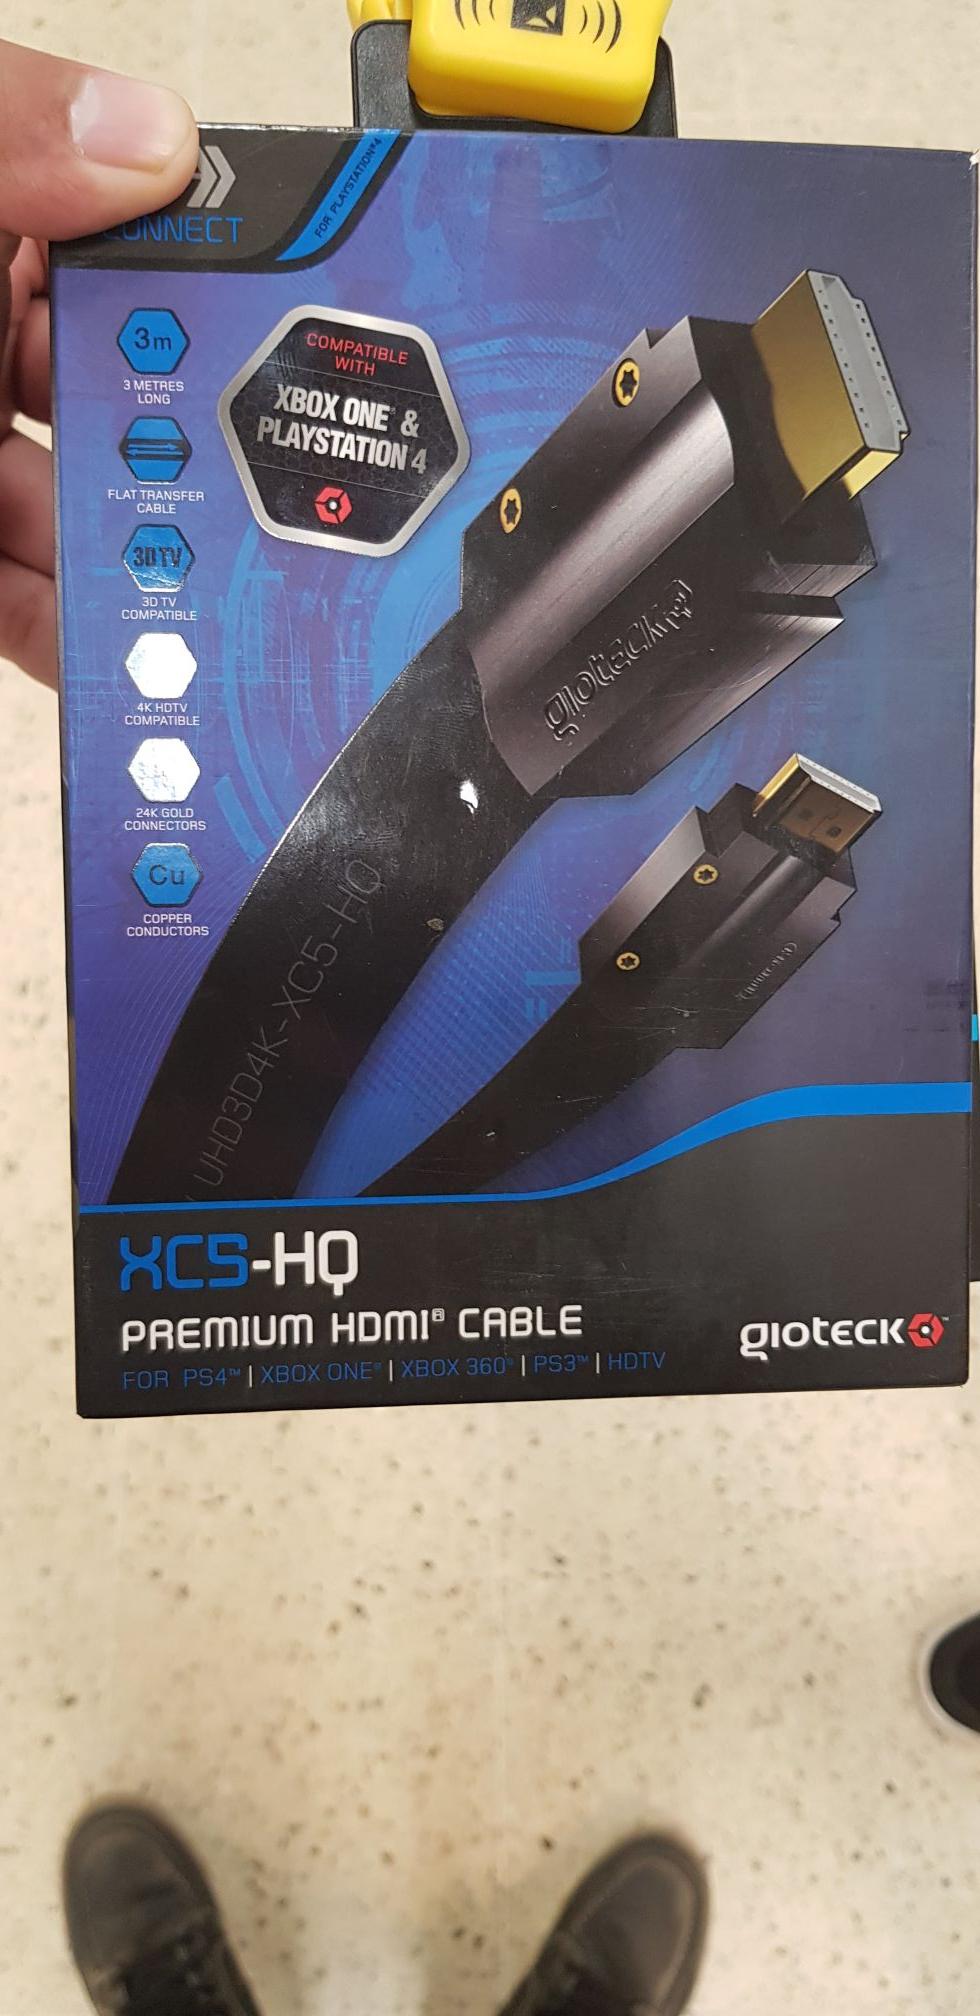 XCS HQ PREMIUM HDMI £3.75 @TESCO HANDSWORTH